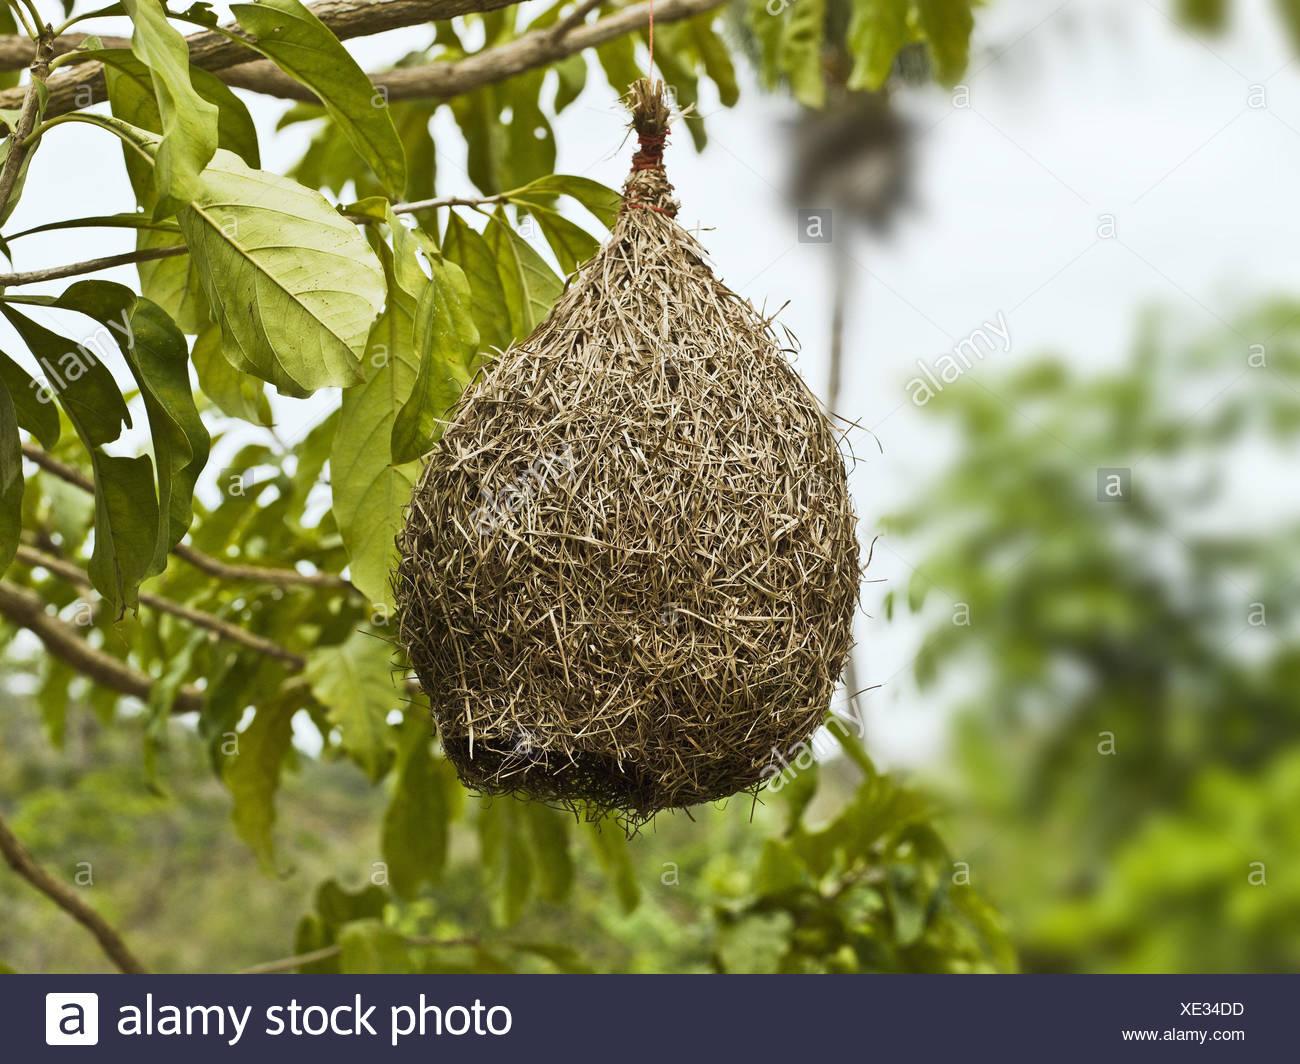 hanging nest stockfotos hanging nest bilder alamy. Black Bedroom Furniture Sets. Home Design Ideas